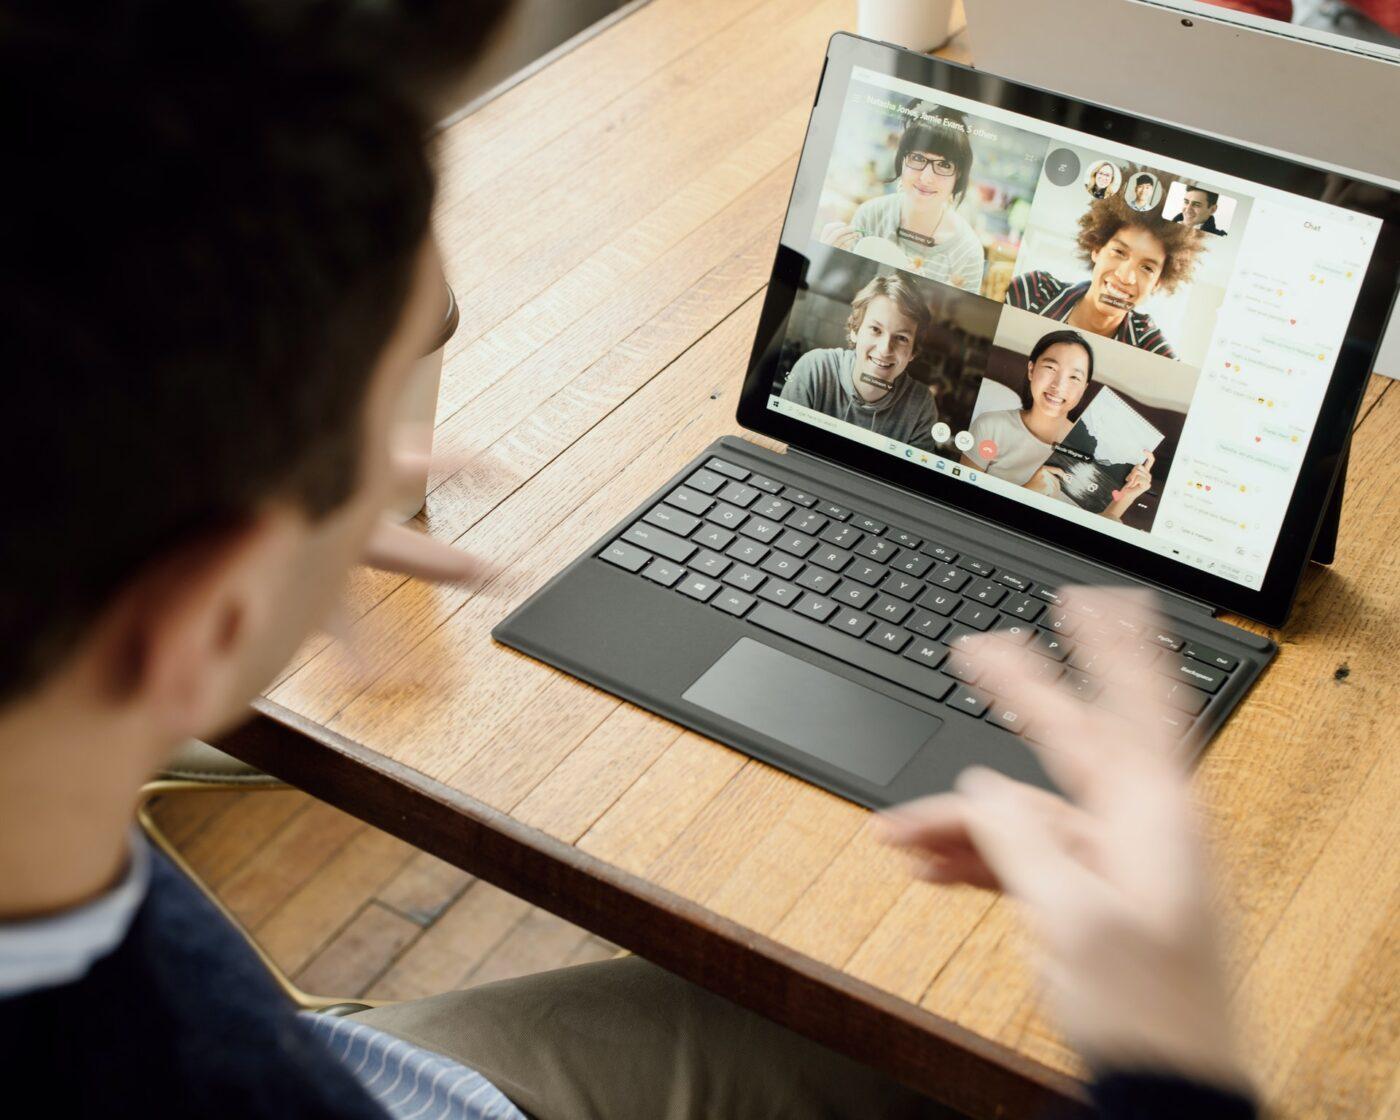 Videokonferenztools im Vergleich: Welches Tool lohnt sich?